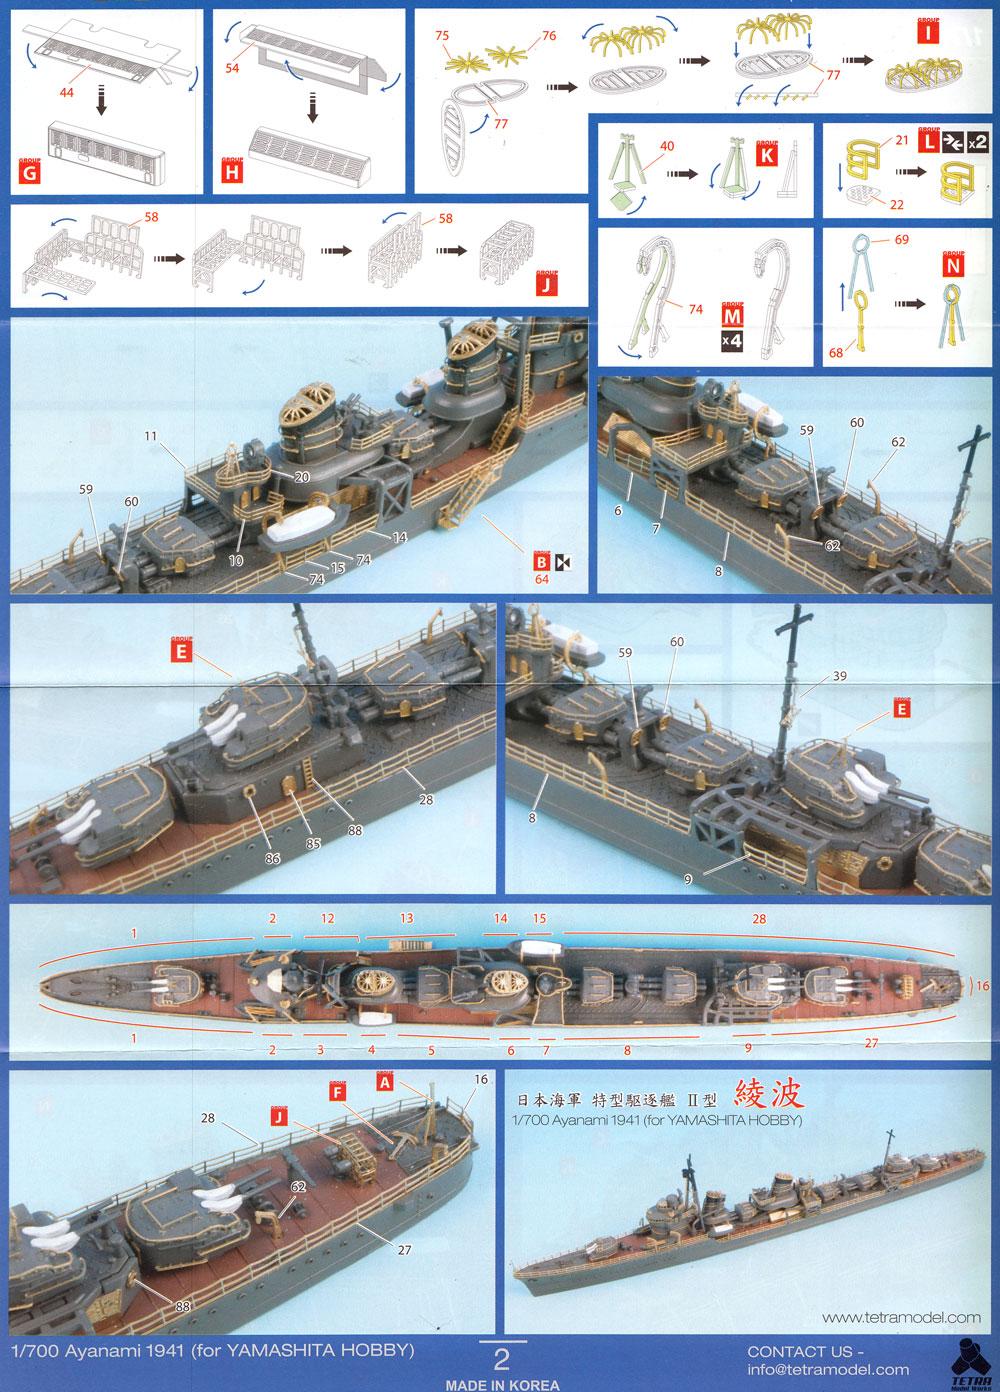 日本海軍 駆逐艦 綾波 1941 ディテールアップセット (ヤマシタホビー用)エッチング(テトラモデルワークス艦船 エッチングパーツNo.SE-70014)商品画像_3